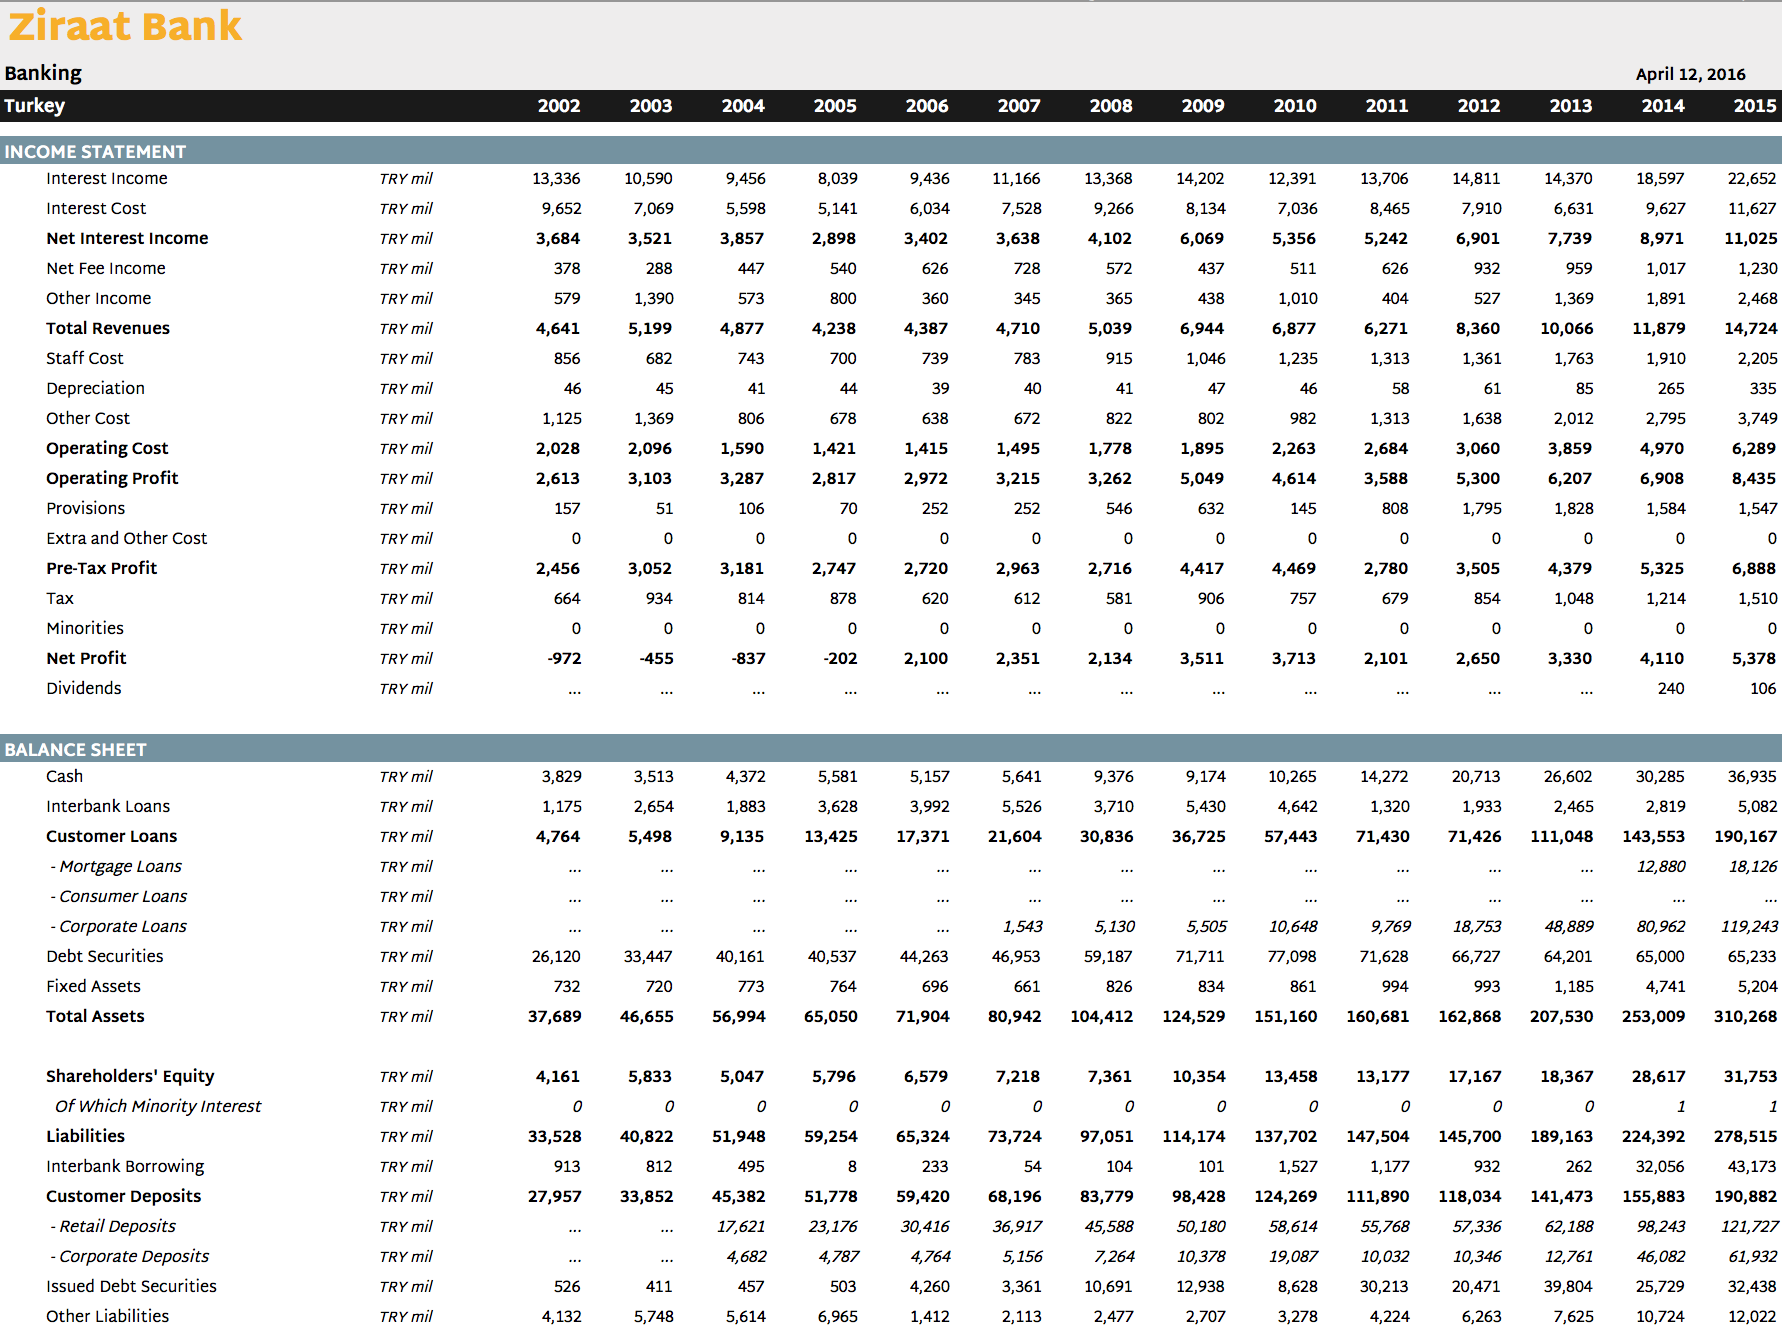 Ziraat Bank in Numbers